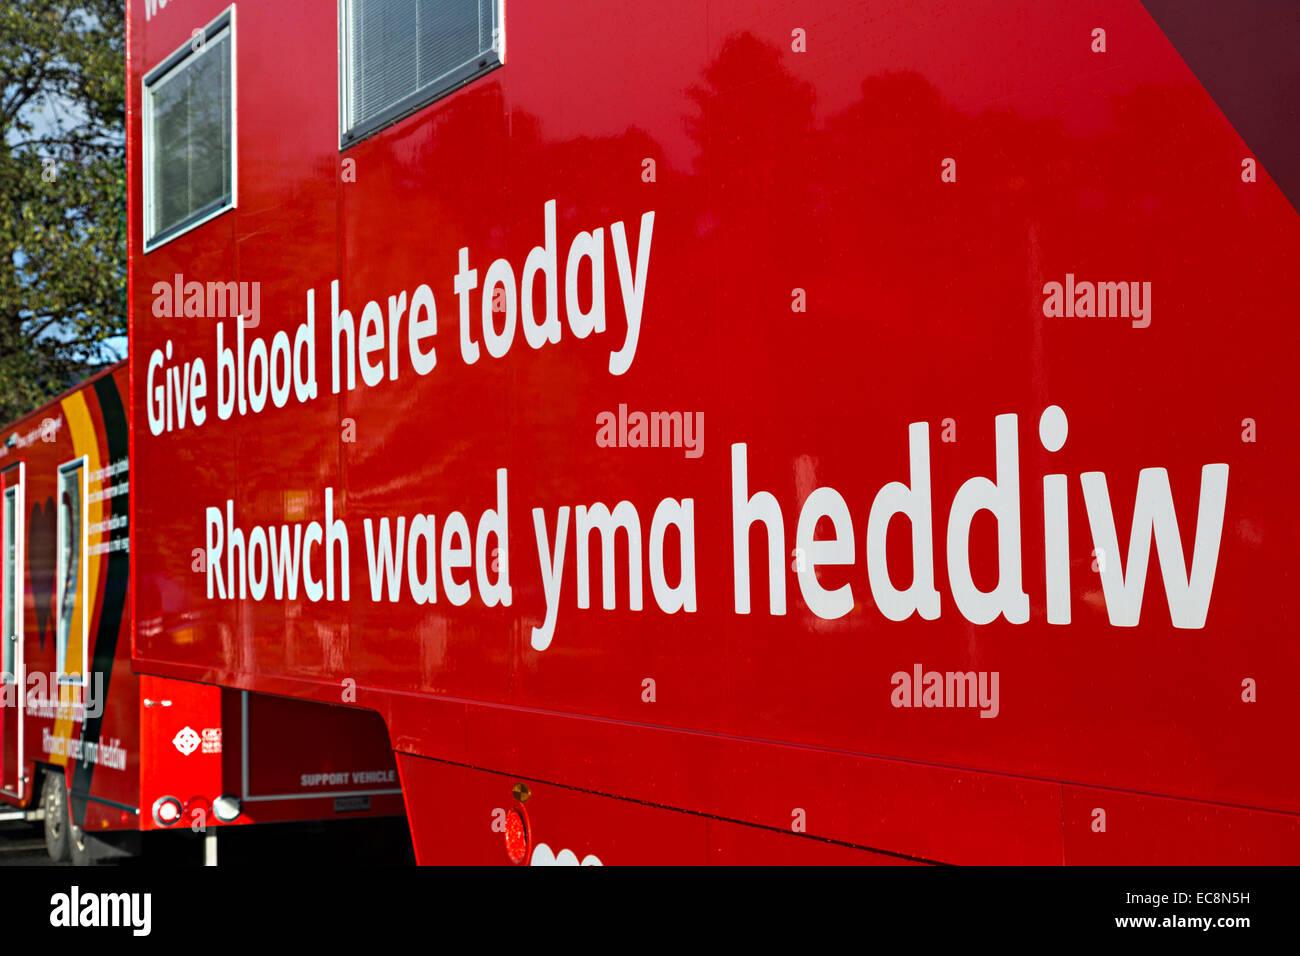 Geben Sie Blut hier heute mobile van in England und Wales, Abergavenny, Wales, UK Stockbild